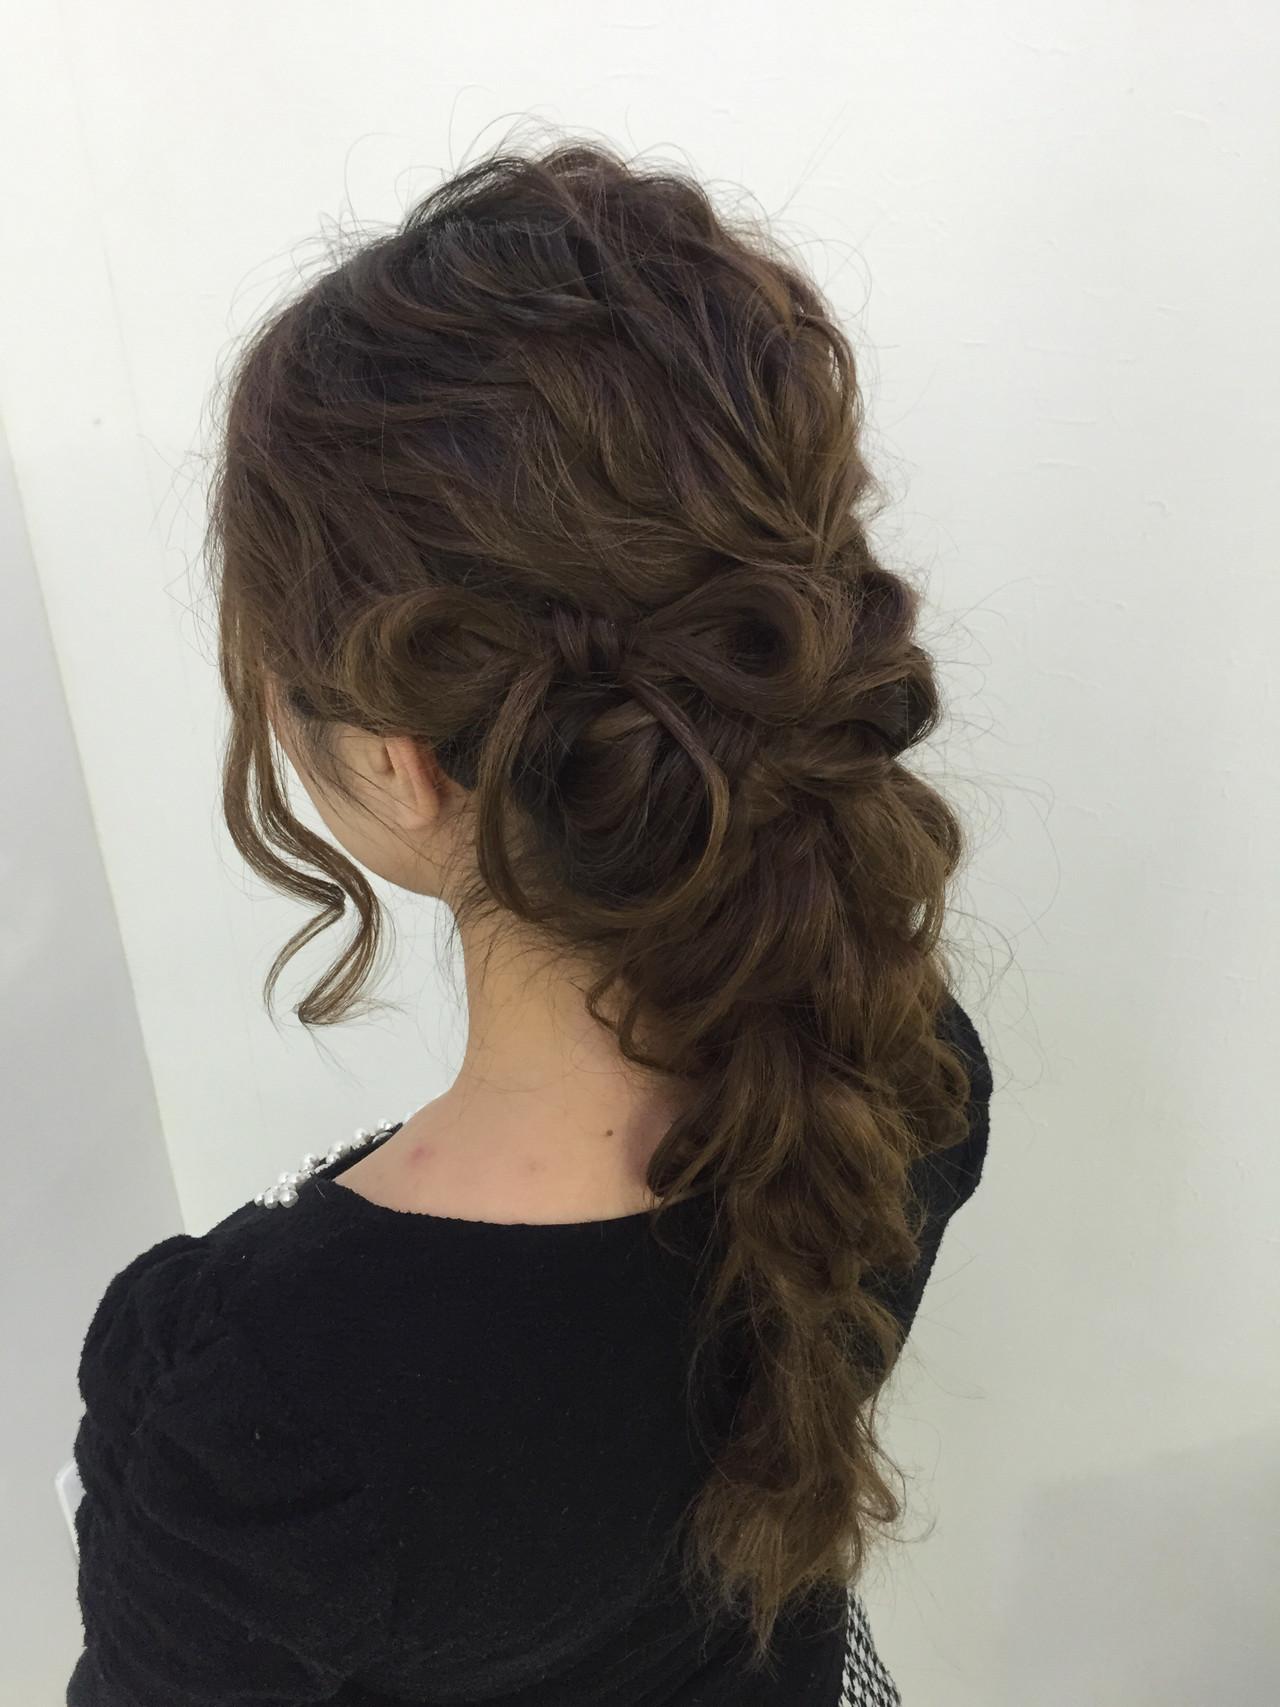 セミロング フェミニン ヘアセット ツイスト ヘアスタイルや髪型の写真・画像